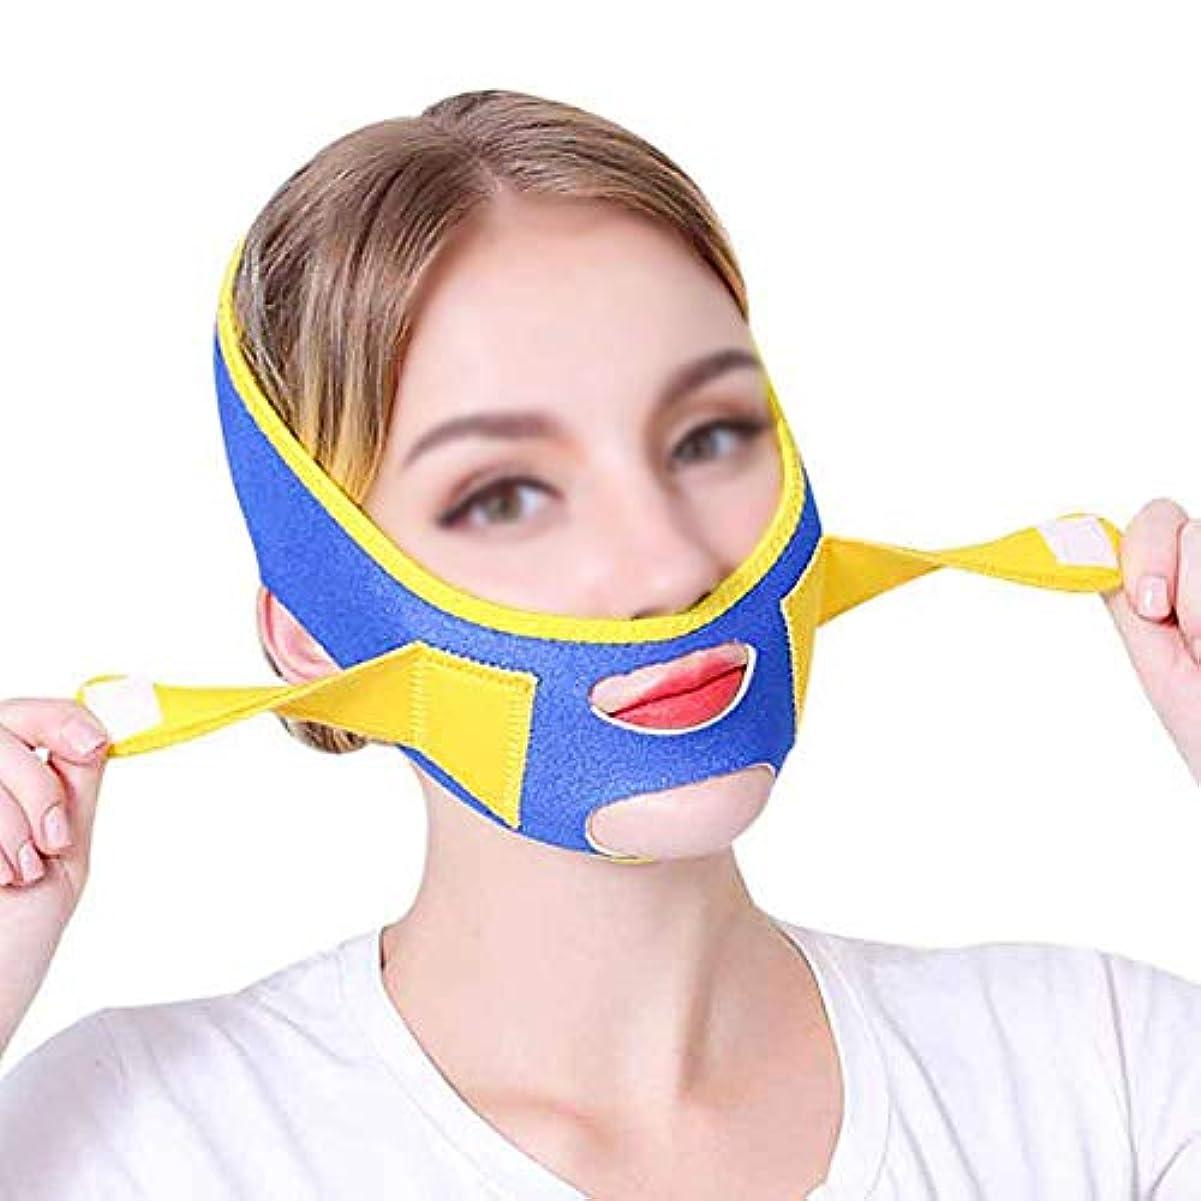 概要驚いた決してXHLMRMJ フェイスリフトマスク、あごストラップ回復包帯シンフェイスマスクVフェイスステッカーフェイスリフトステッカー韓国本物のリフティングファーミングリフト整形薄型ダブルチンフェイスリフト睡眠包帯アーティファクト